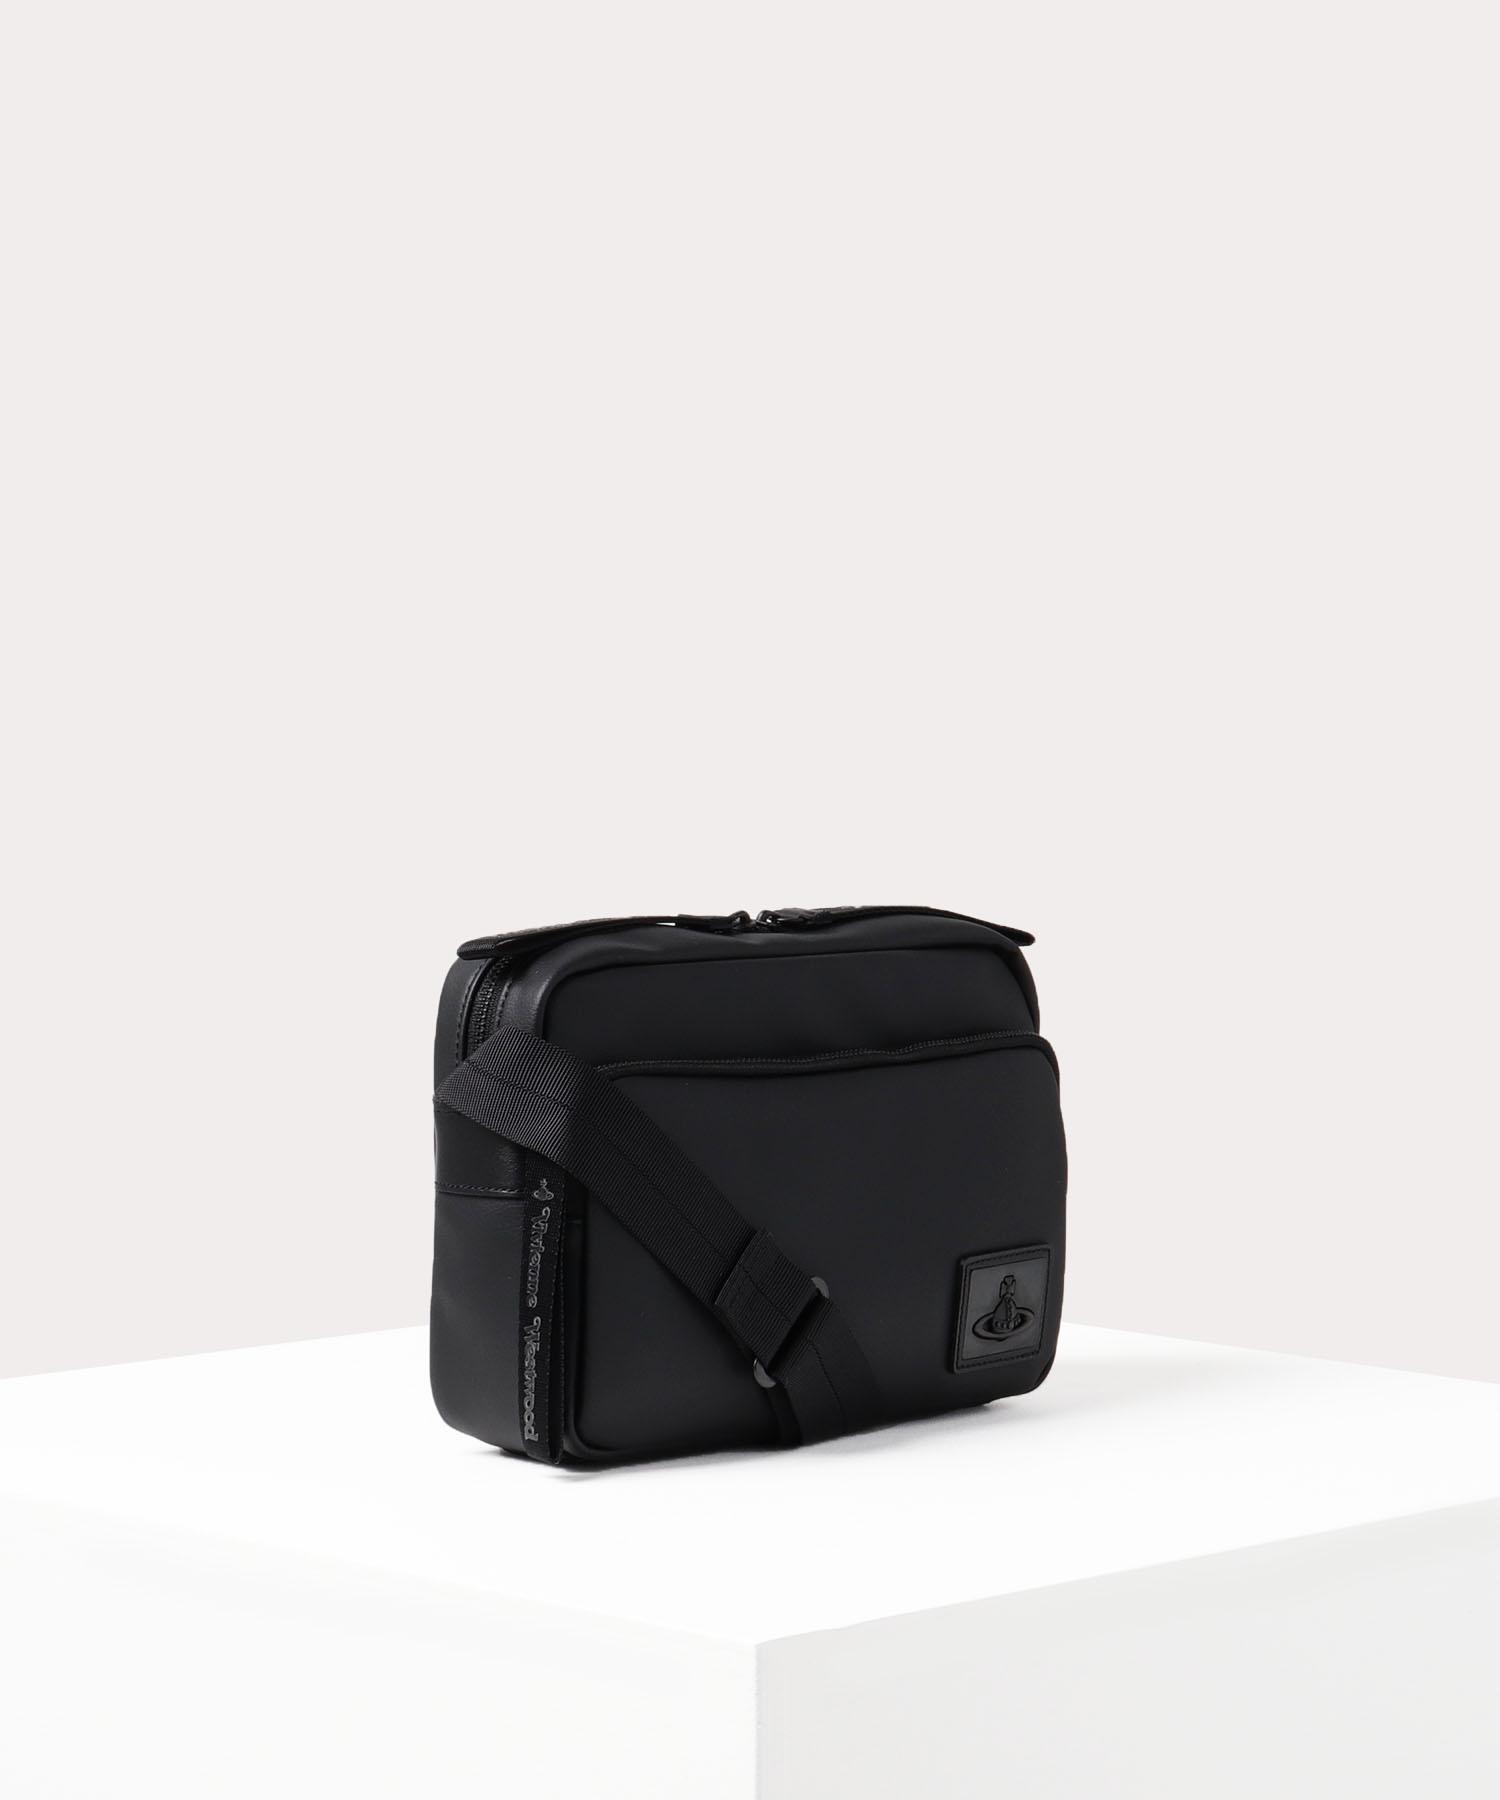 ORBプレート メンズショルダーバッグ